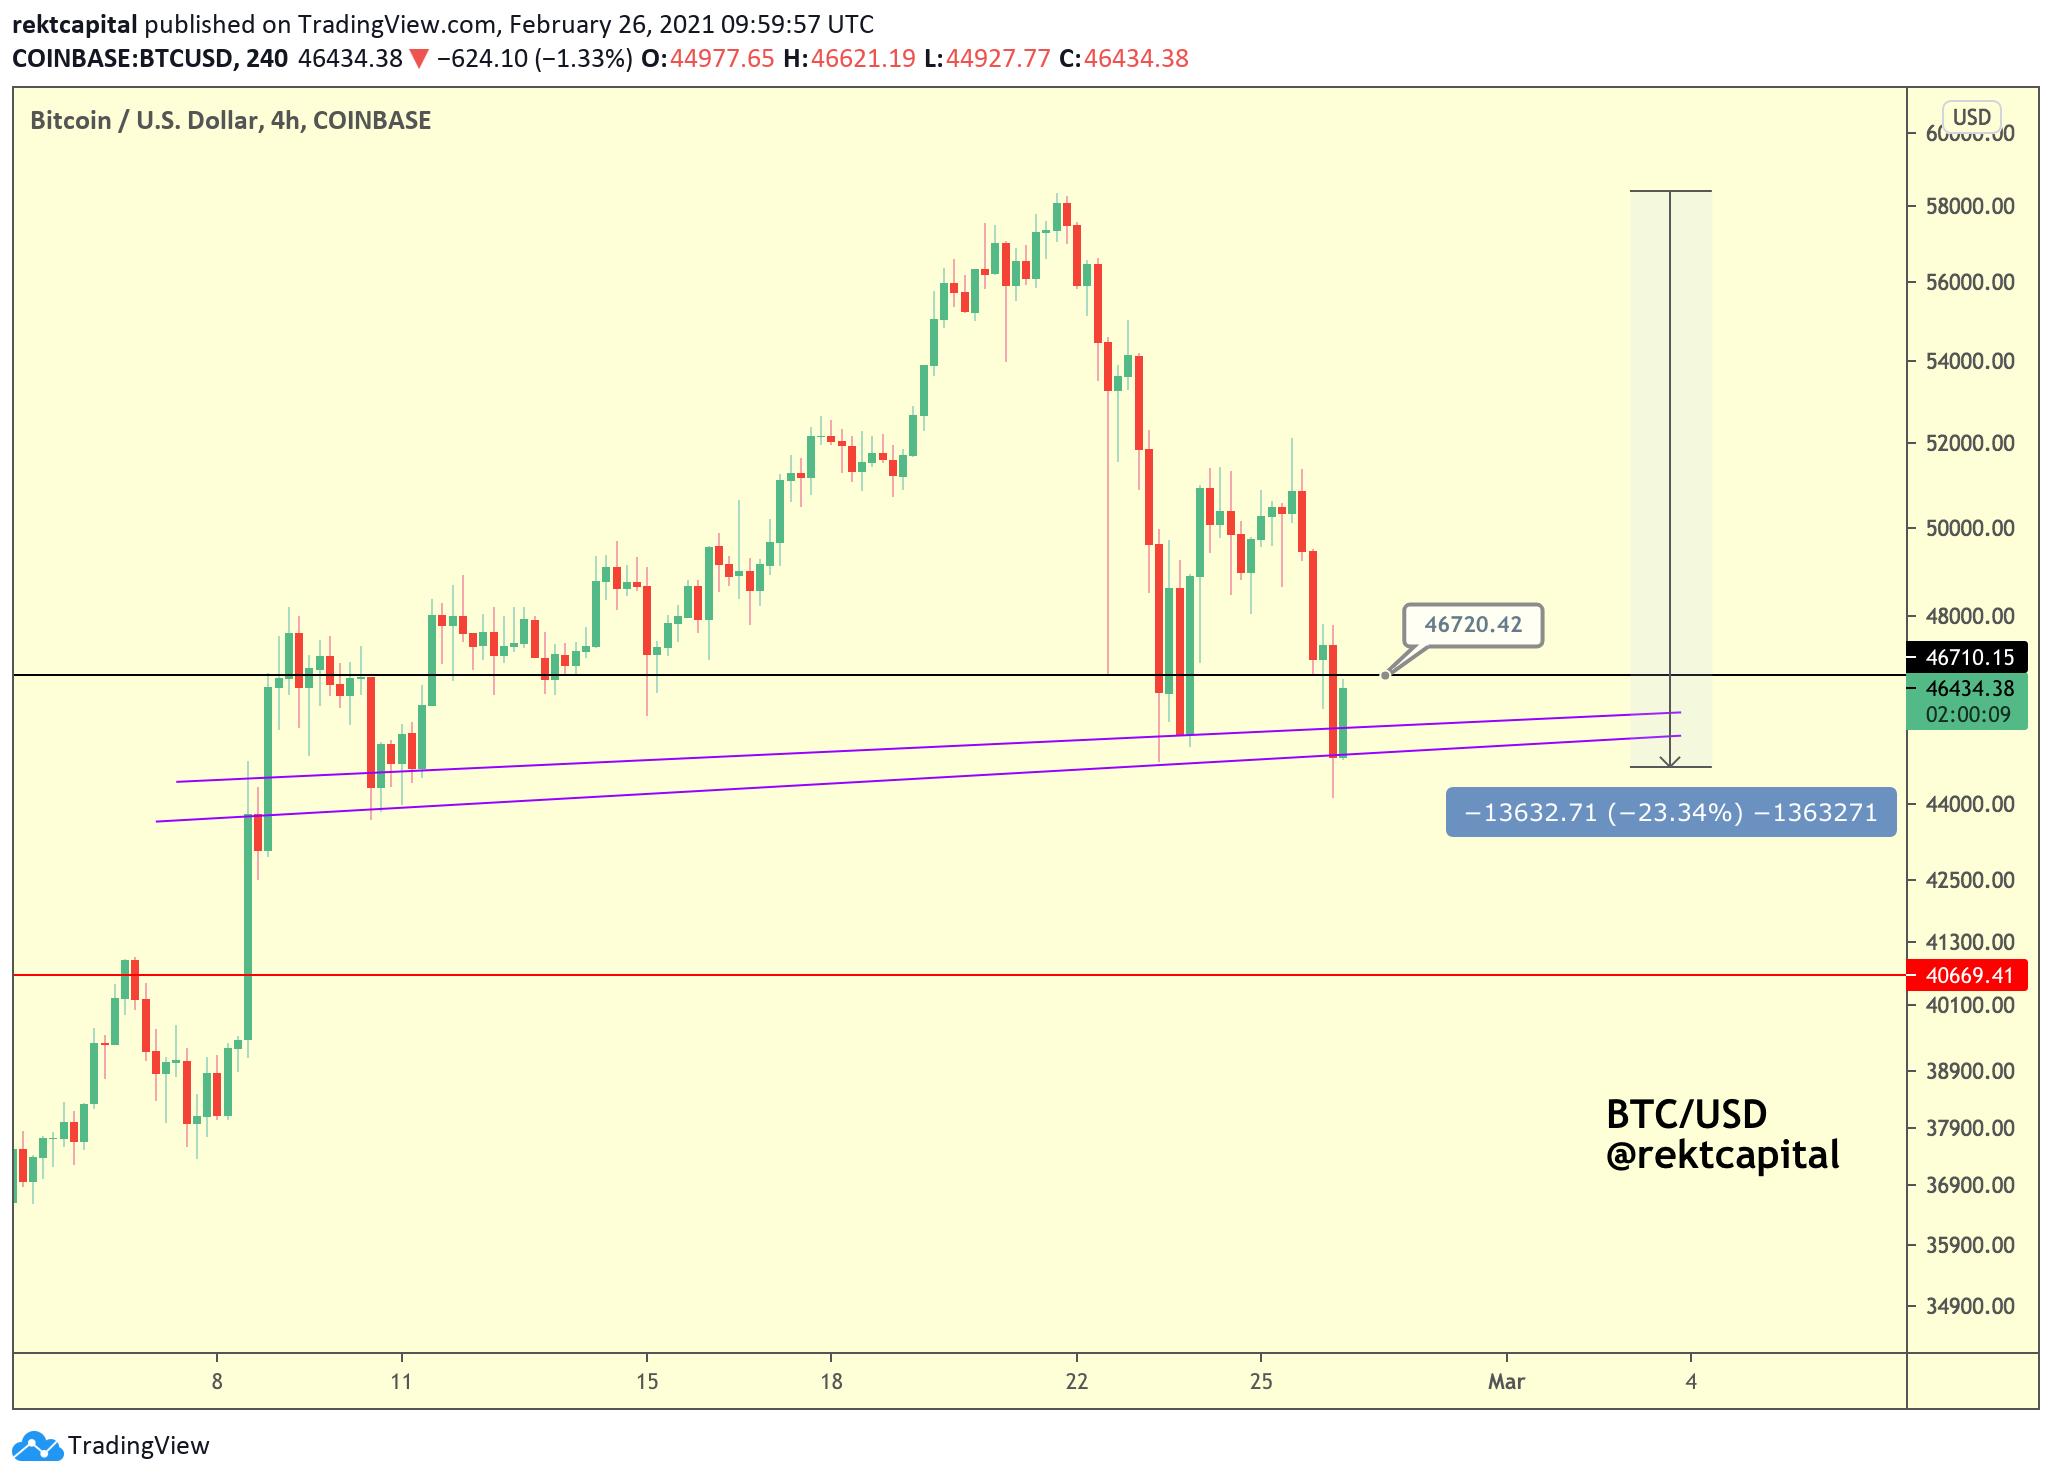 Grafico a 4 ore di BTC/USD